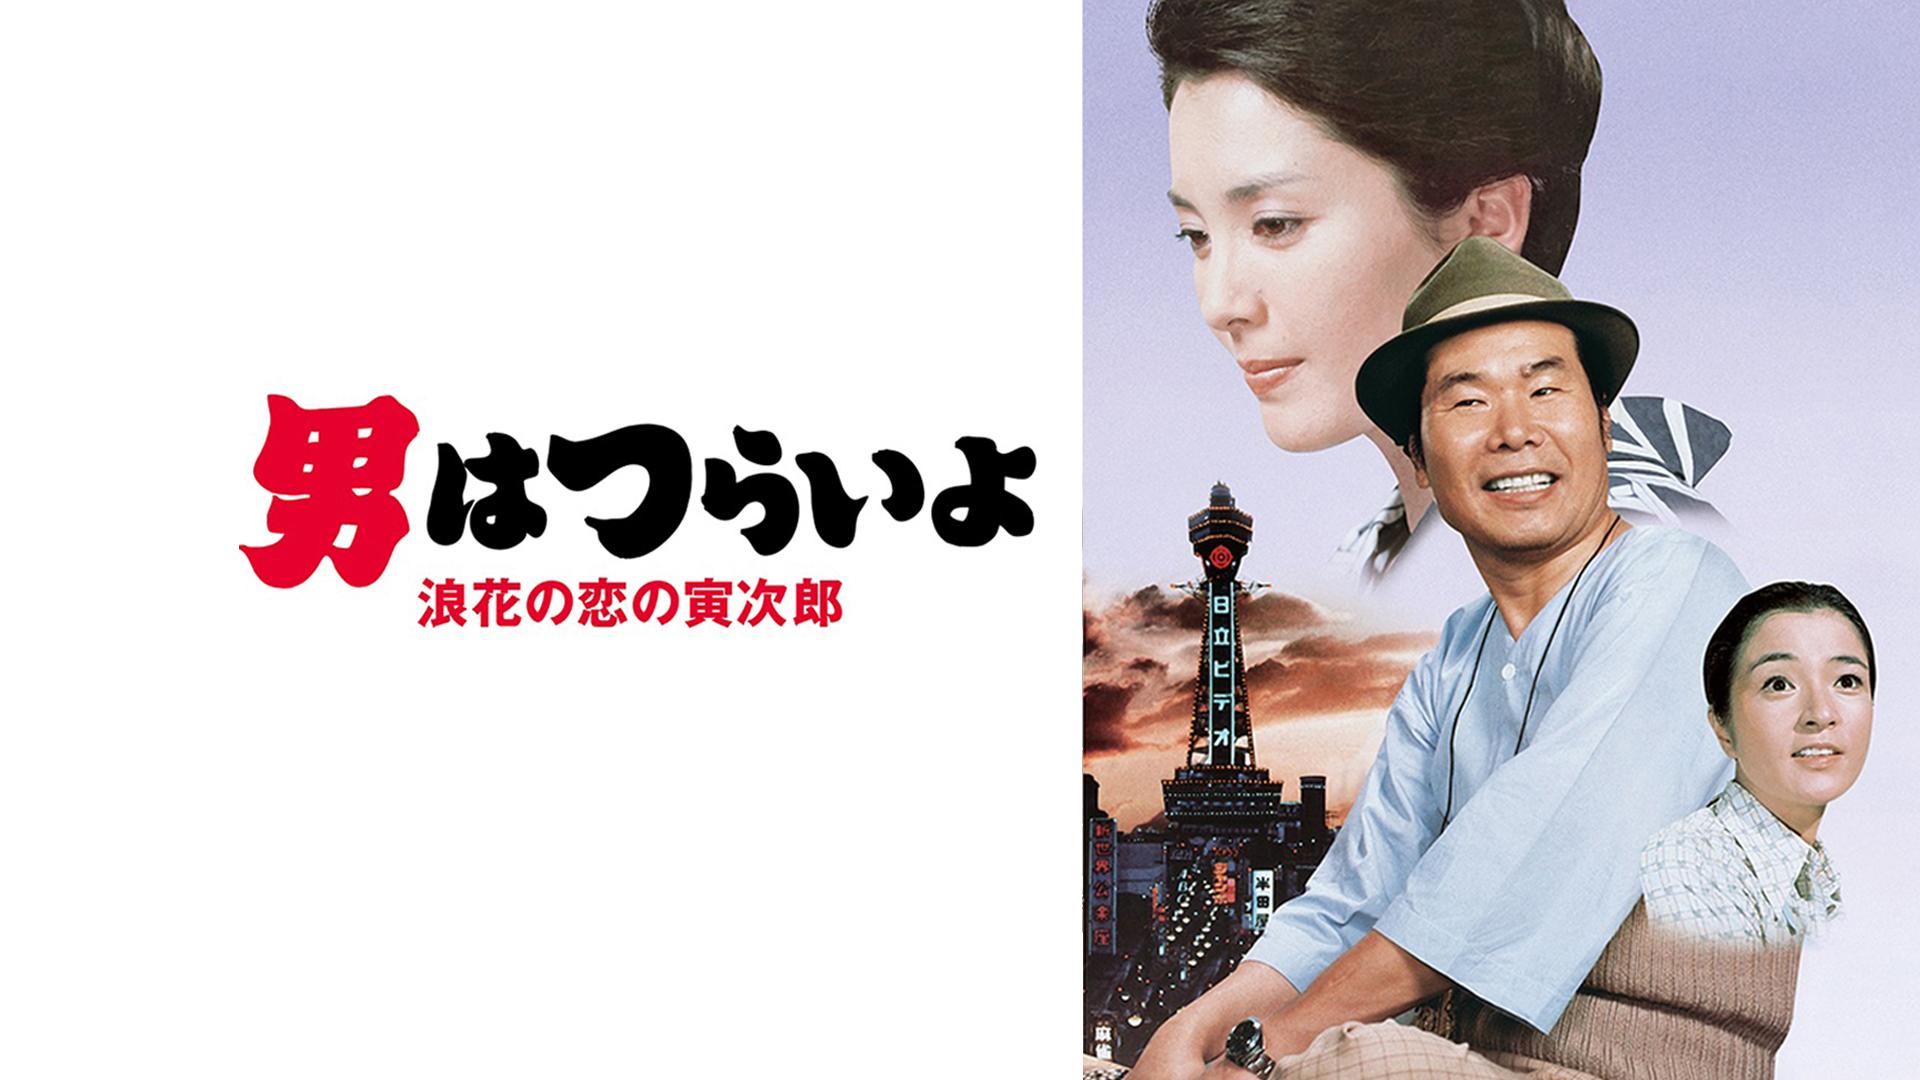 男はつらいよ 浪花の恋の寅次郎 HDリマスター版(第27作)